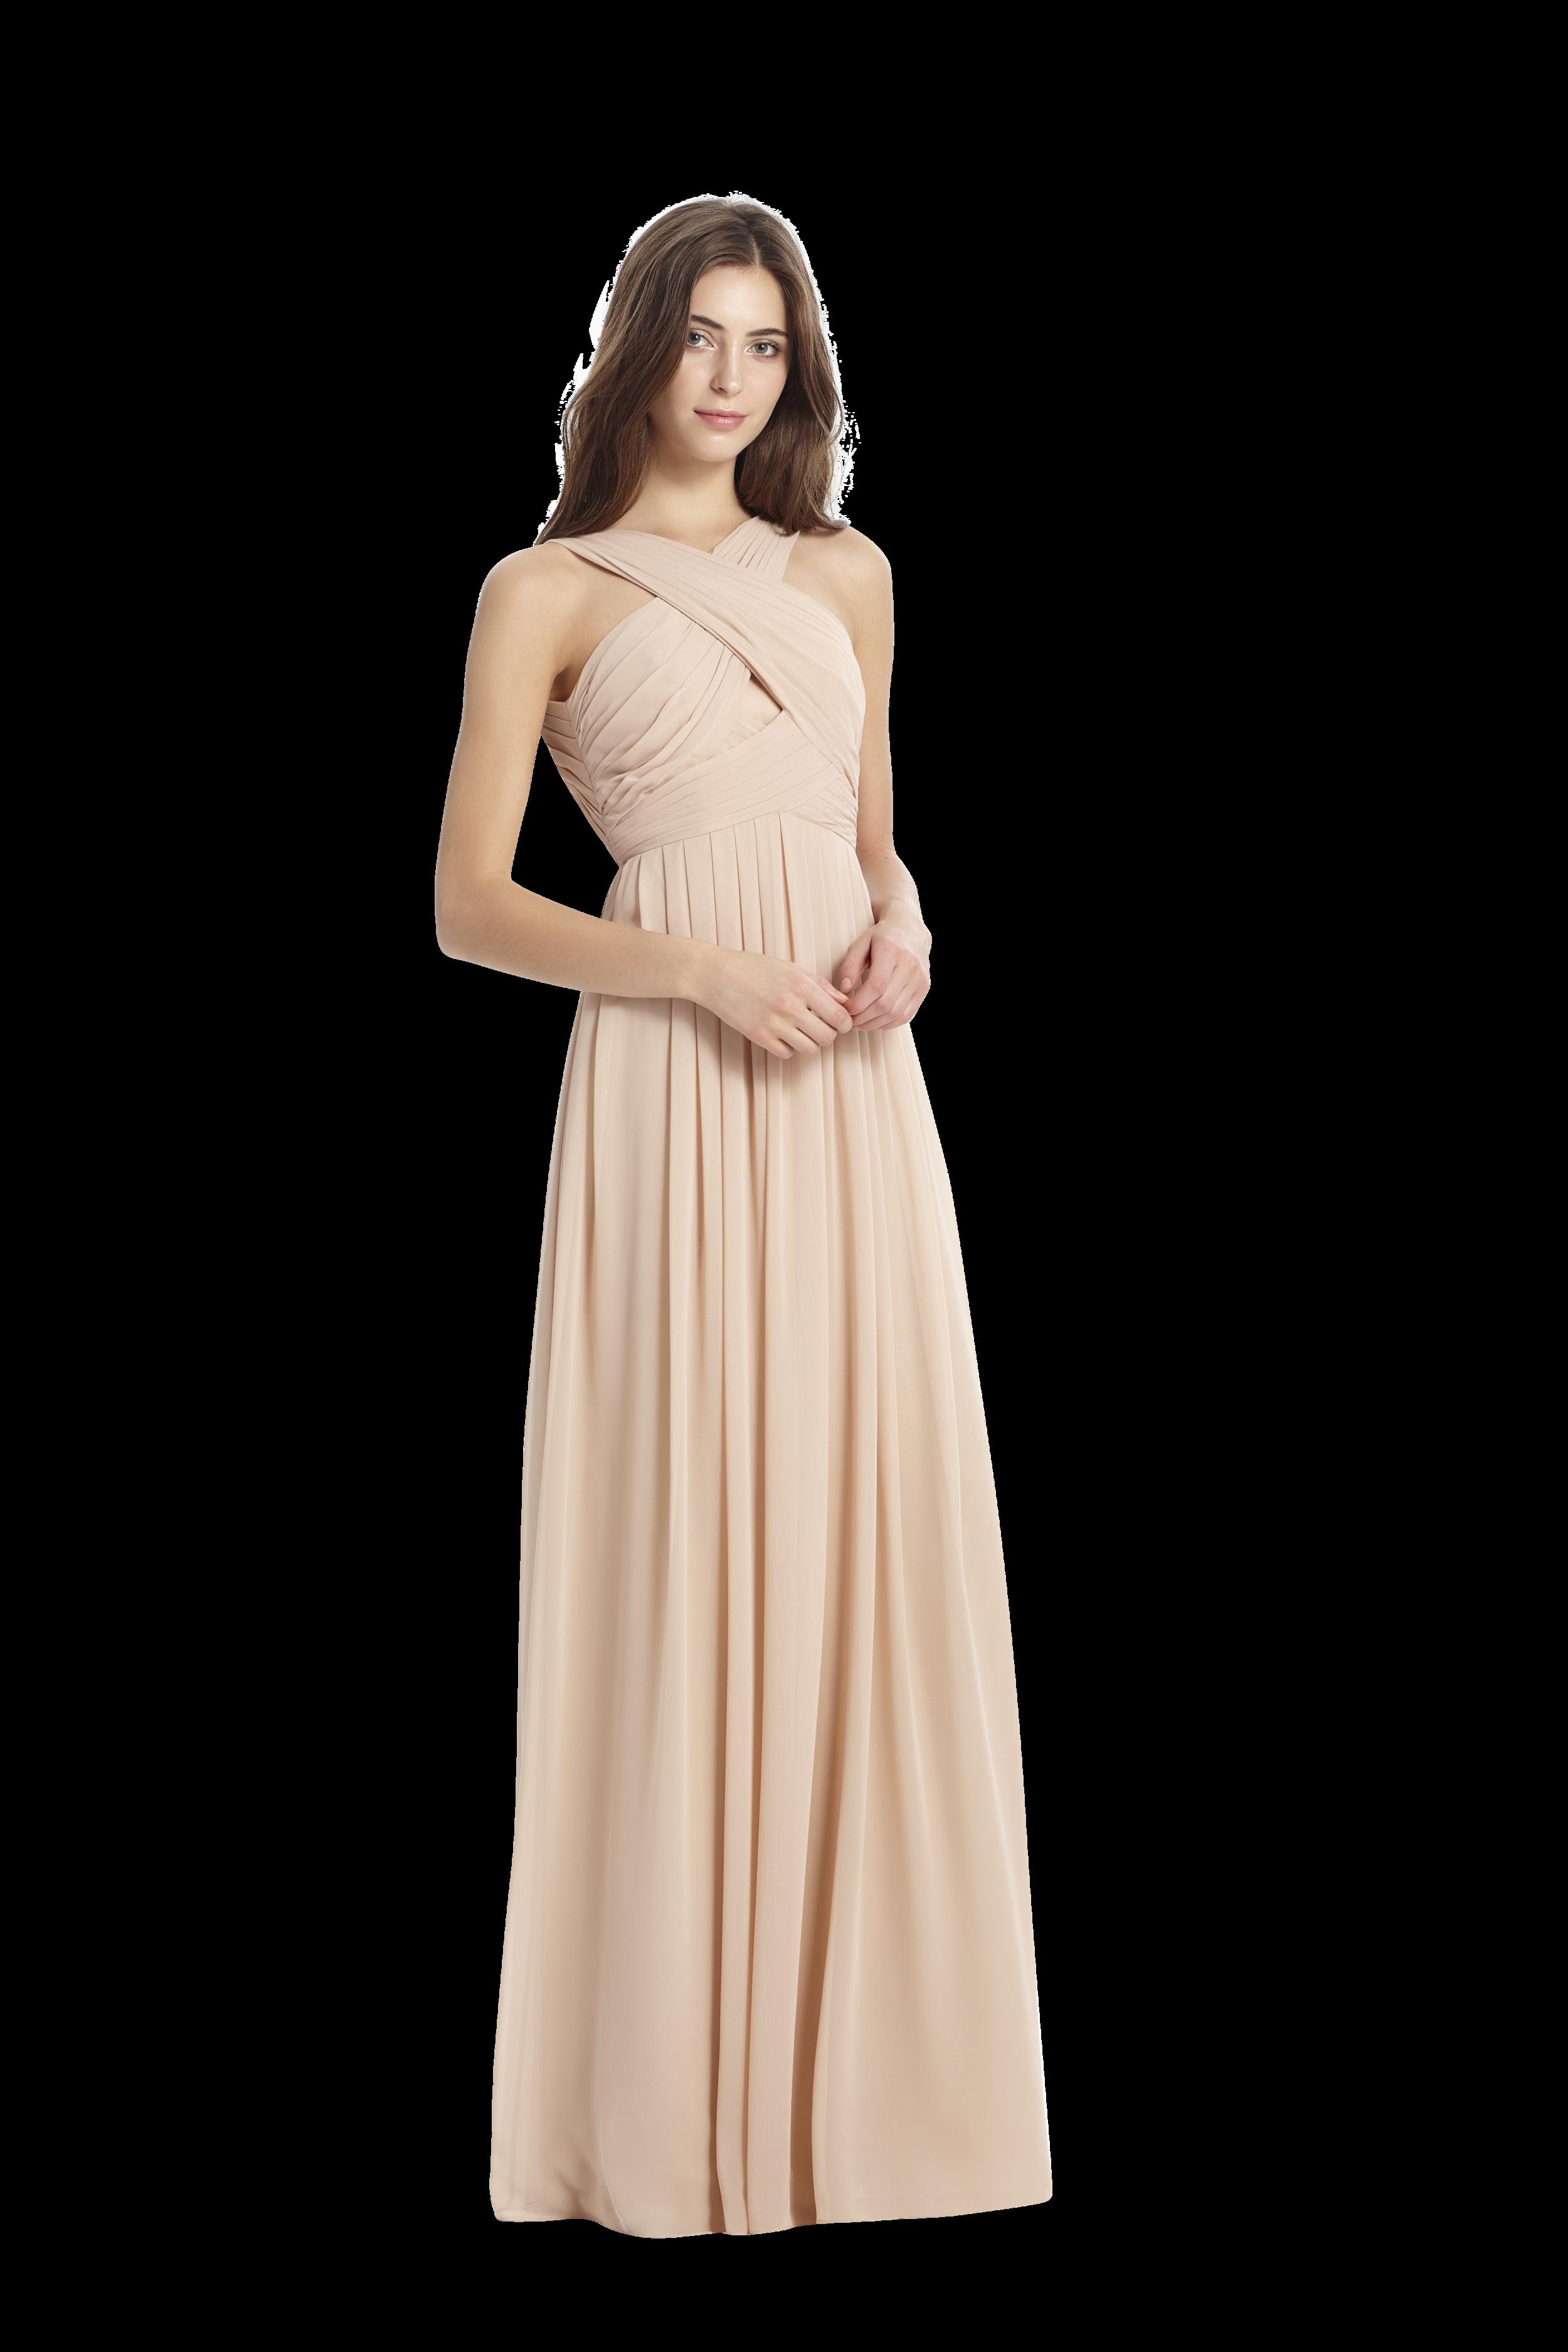 Monique Lhuillier - Kinsley dress